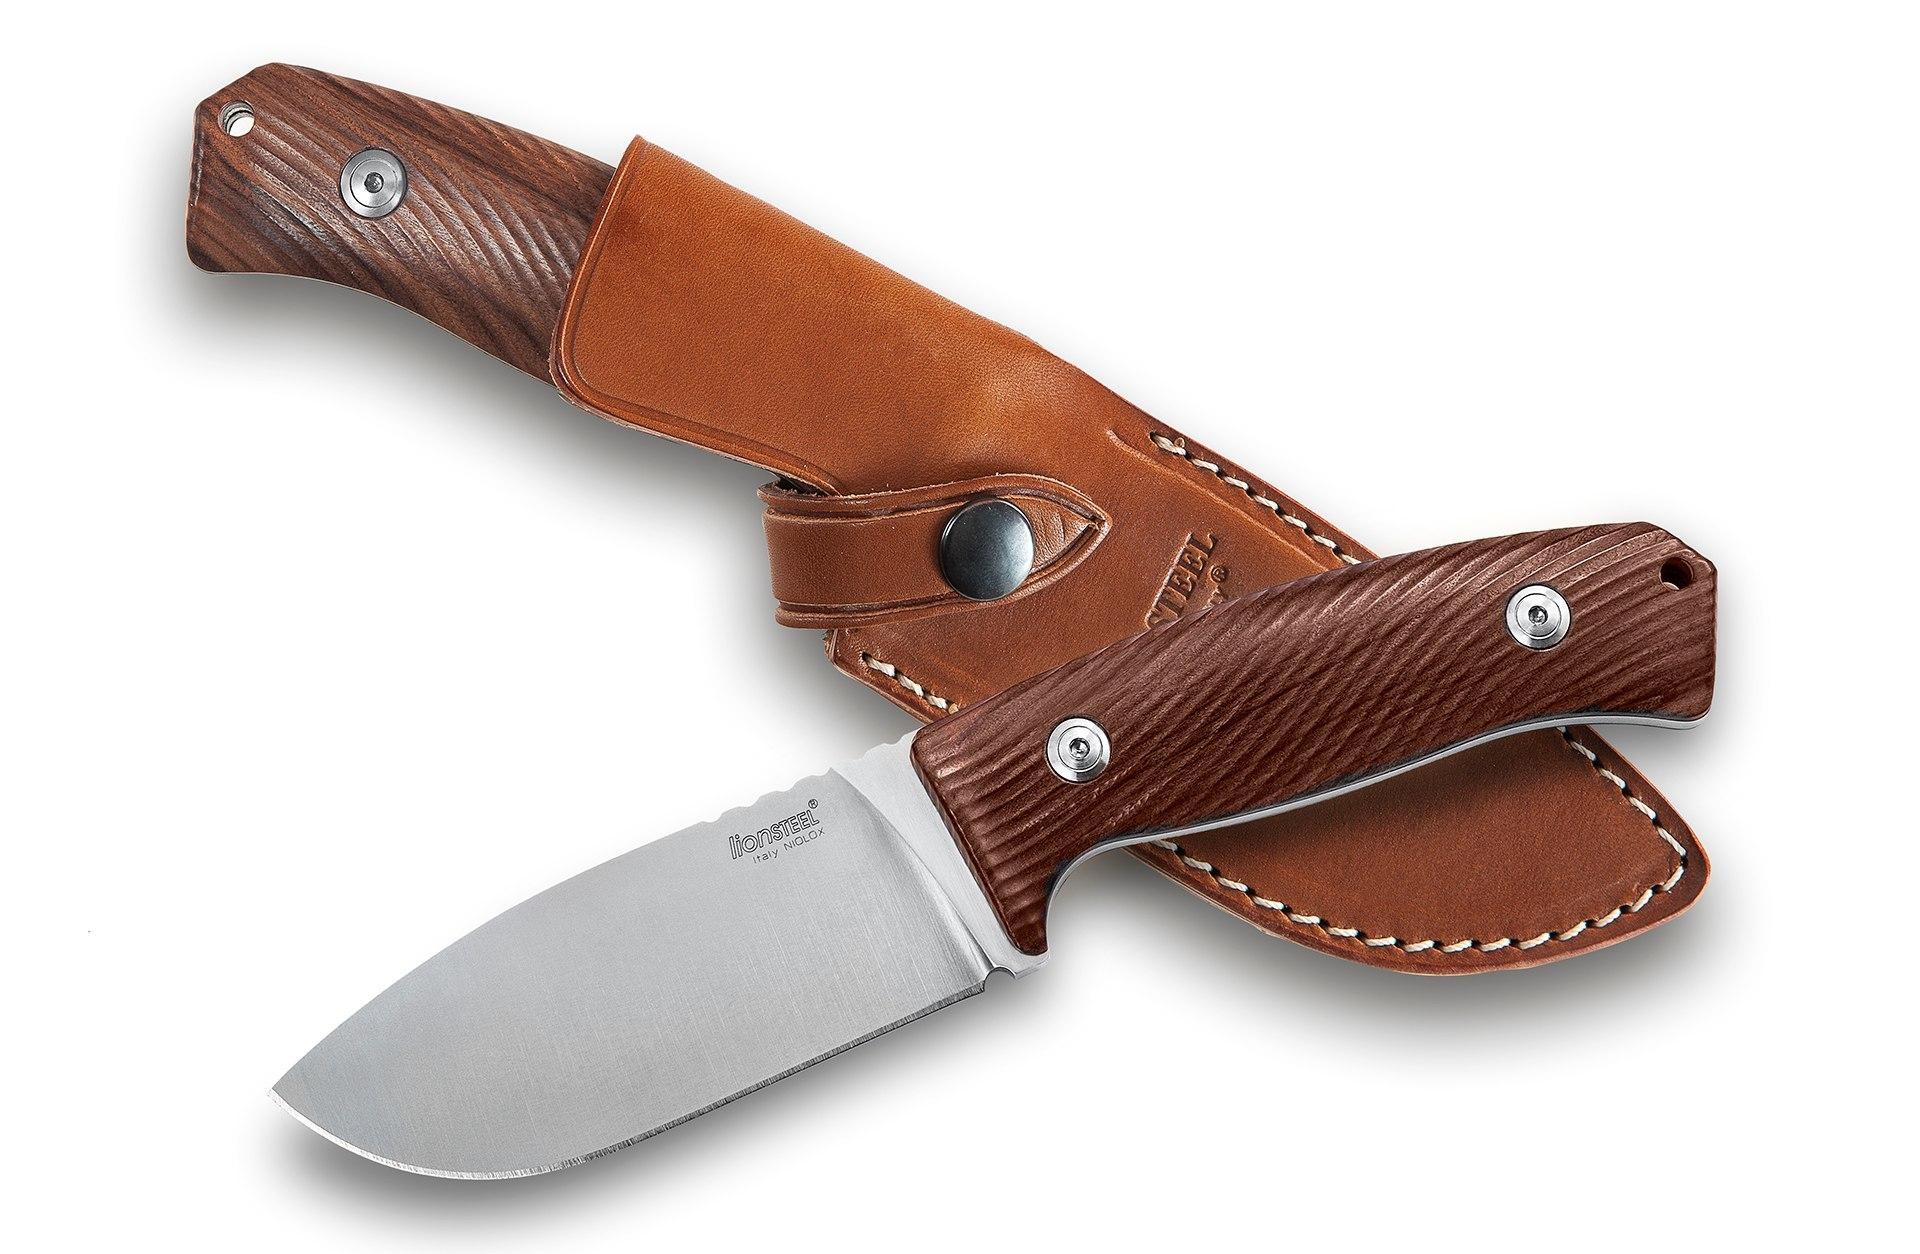 Фото 6 - Нож с фиксированным клинком LionSteel M3 ST Santos Wood, сталь Niolox, рукоять палисандр от Lion Steel